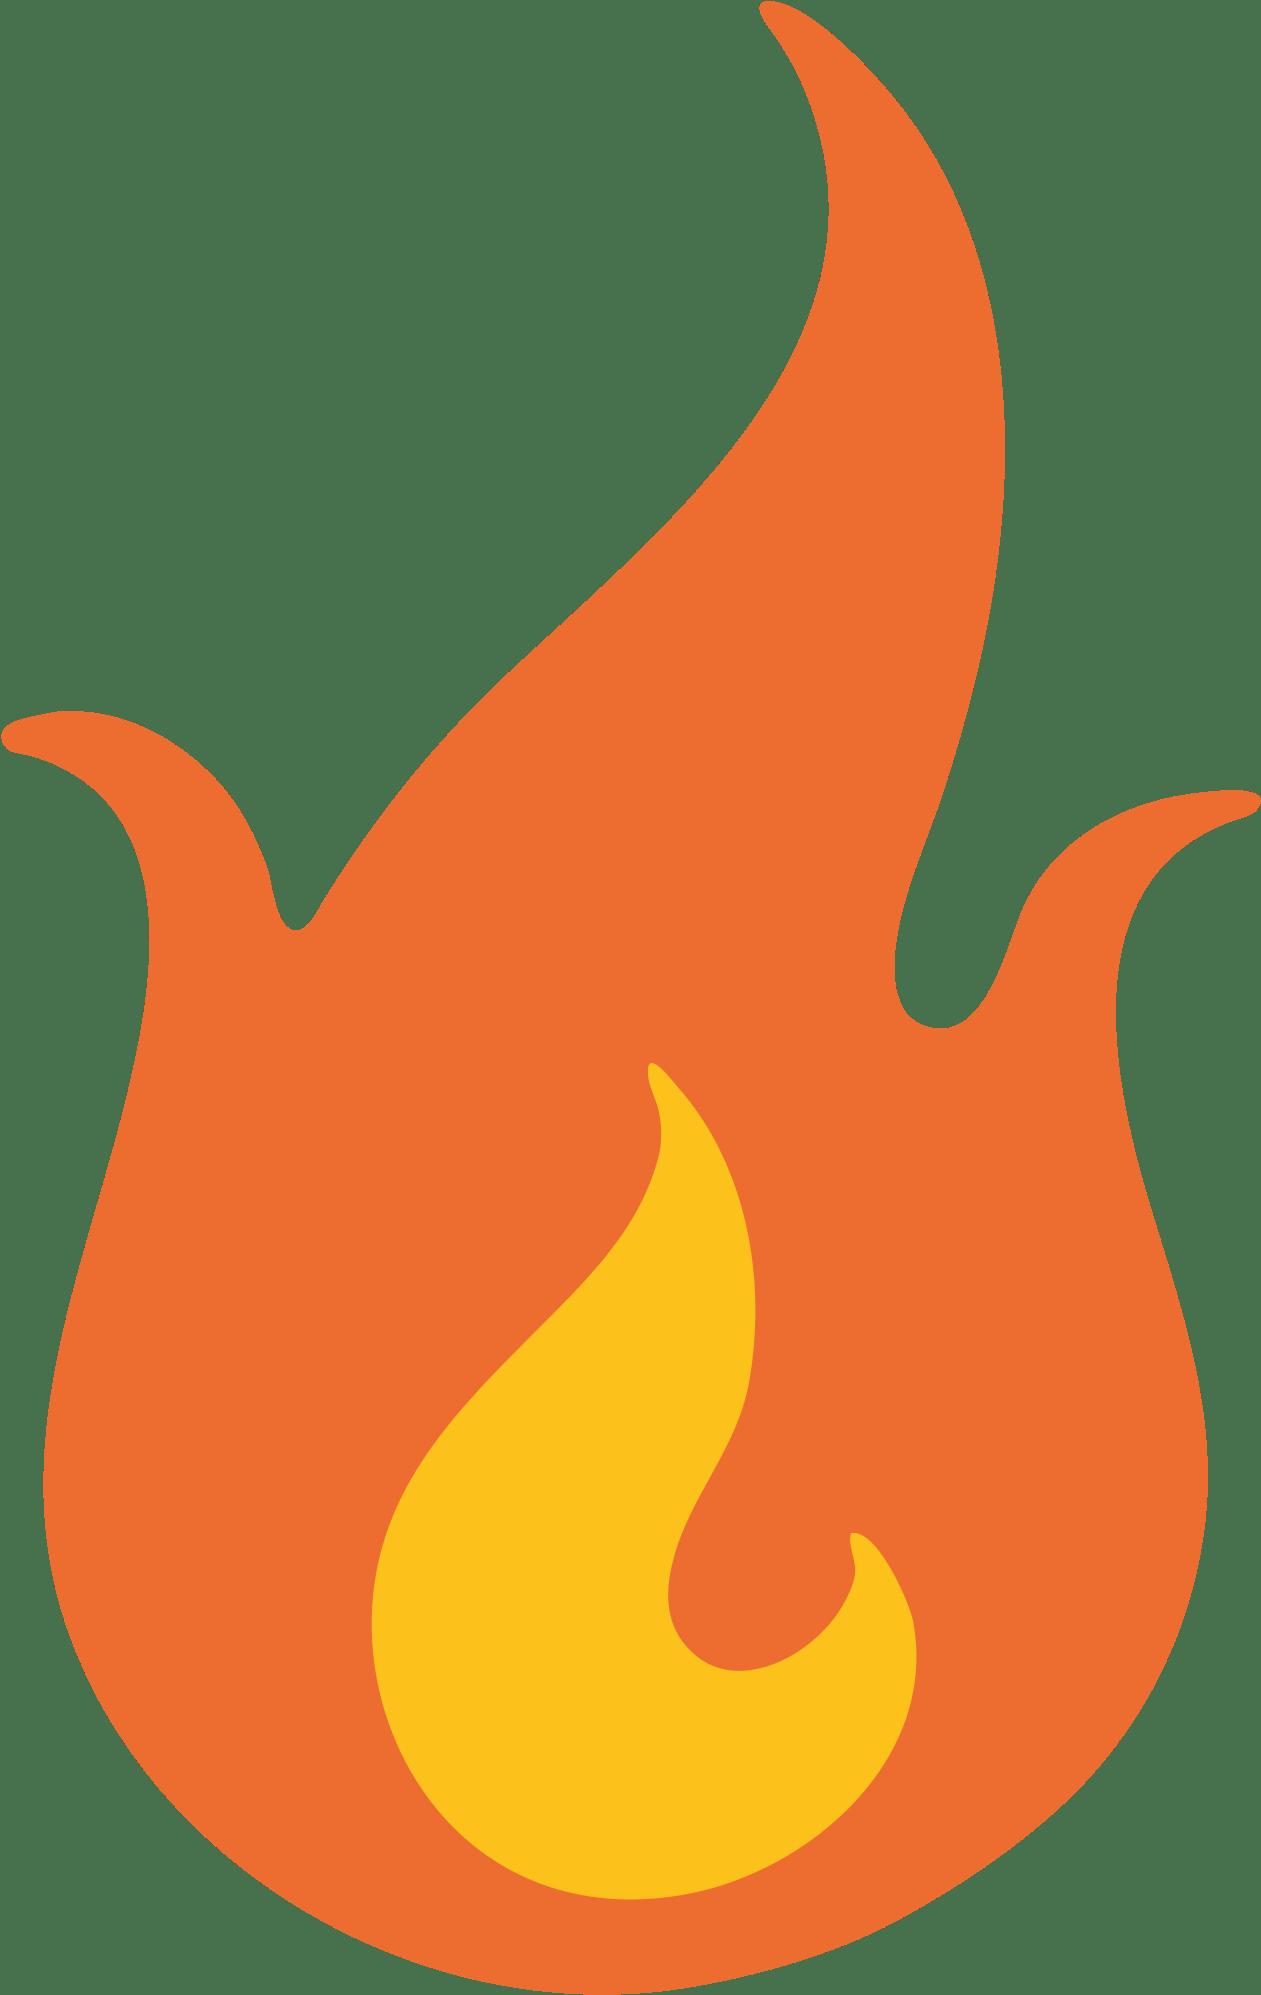 Fire Emoji Gif : emoji, Flame, Clipart, Emoji, Transparent, (#1183264), PinClipart